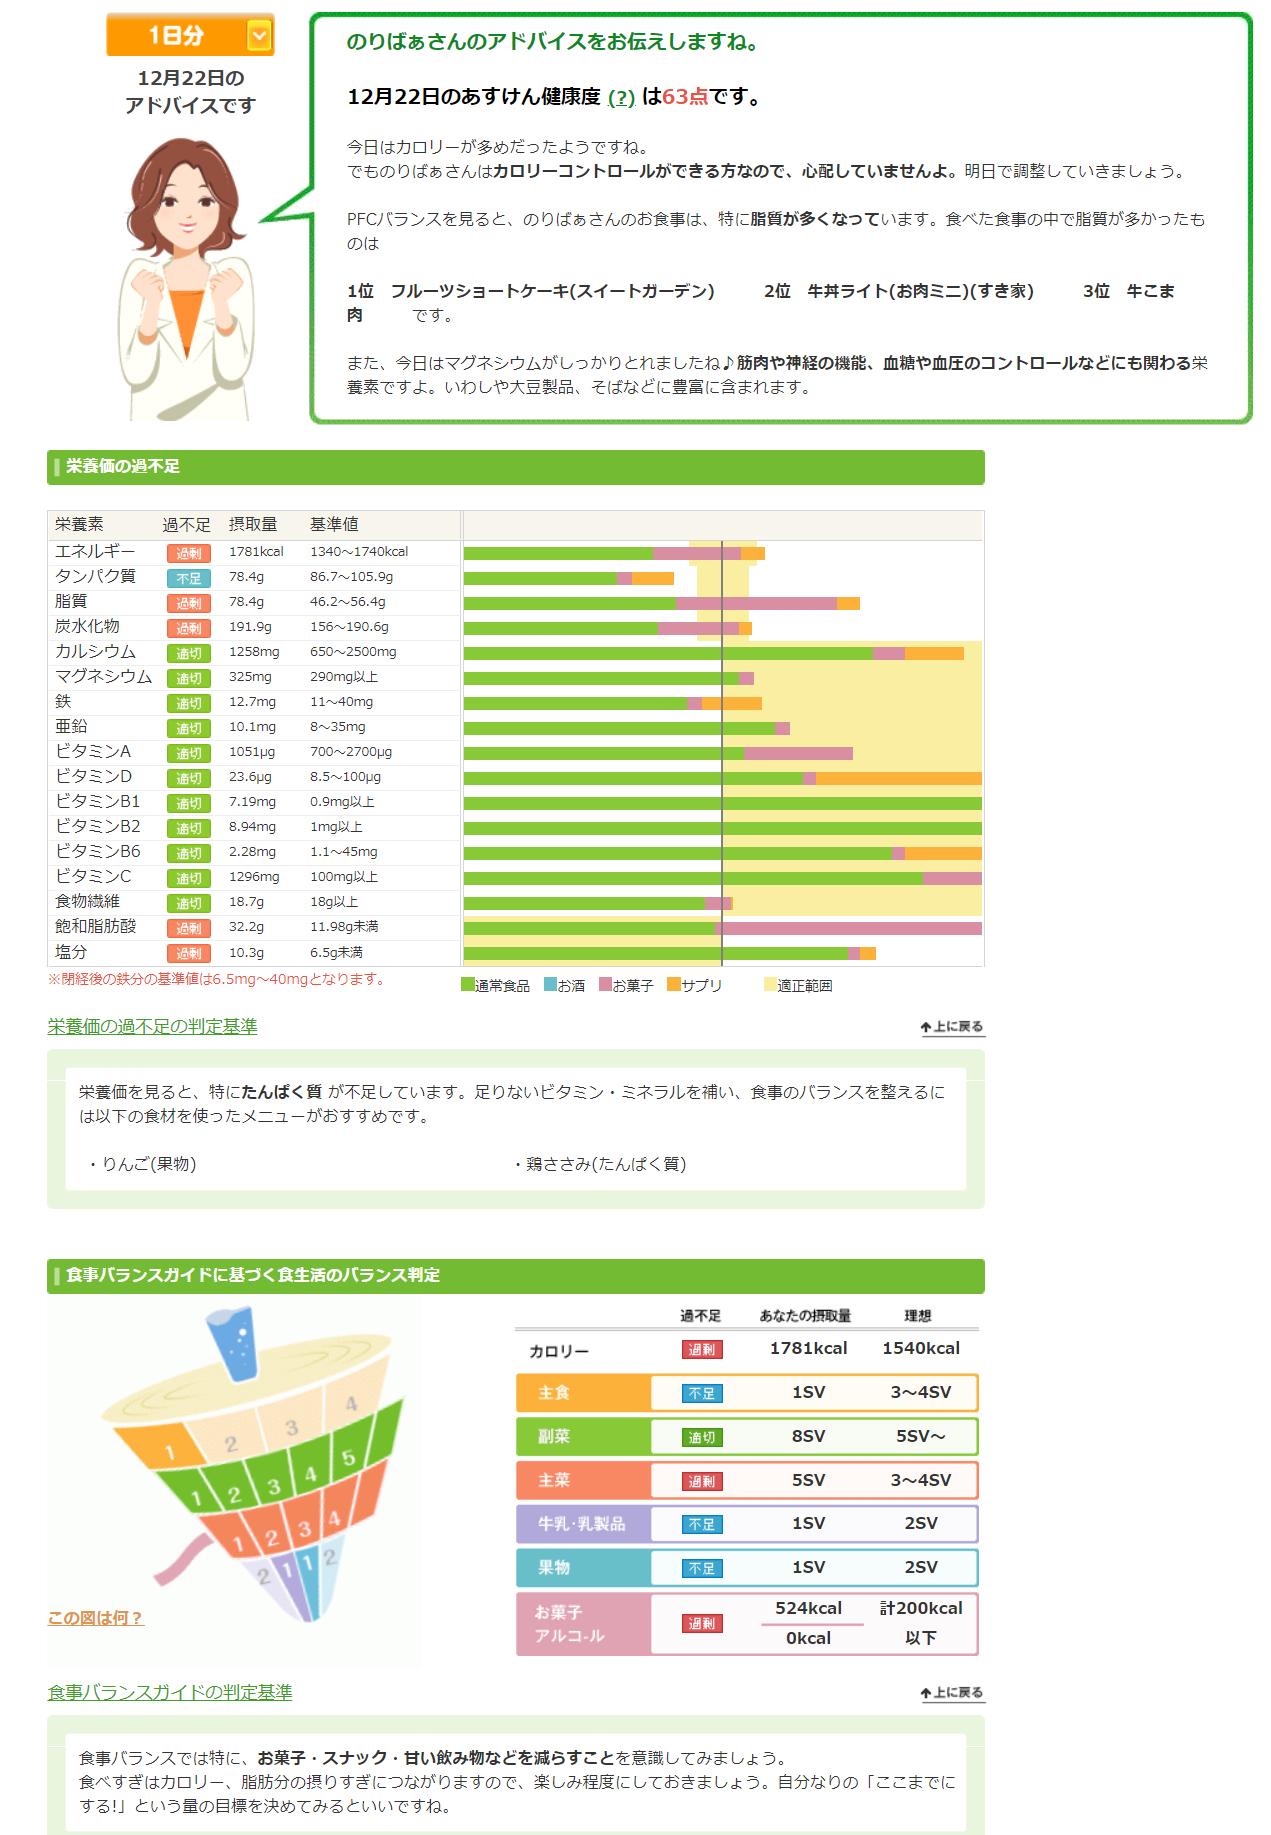 あすけんアドバイス_201222